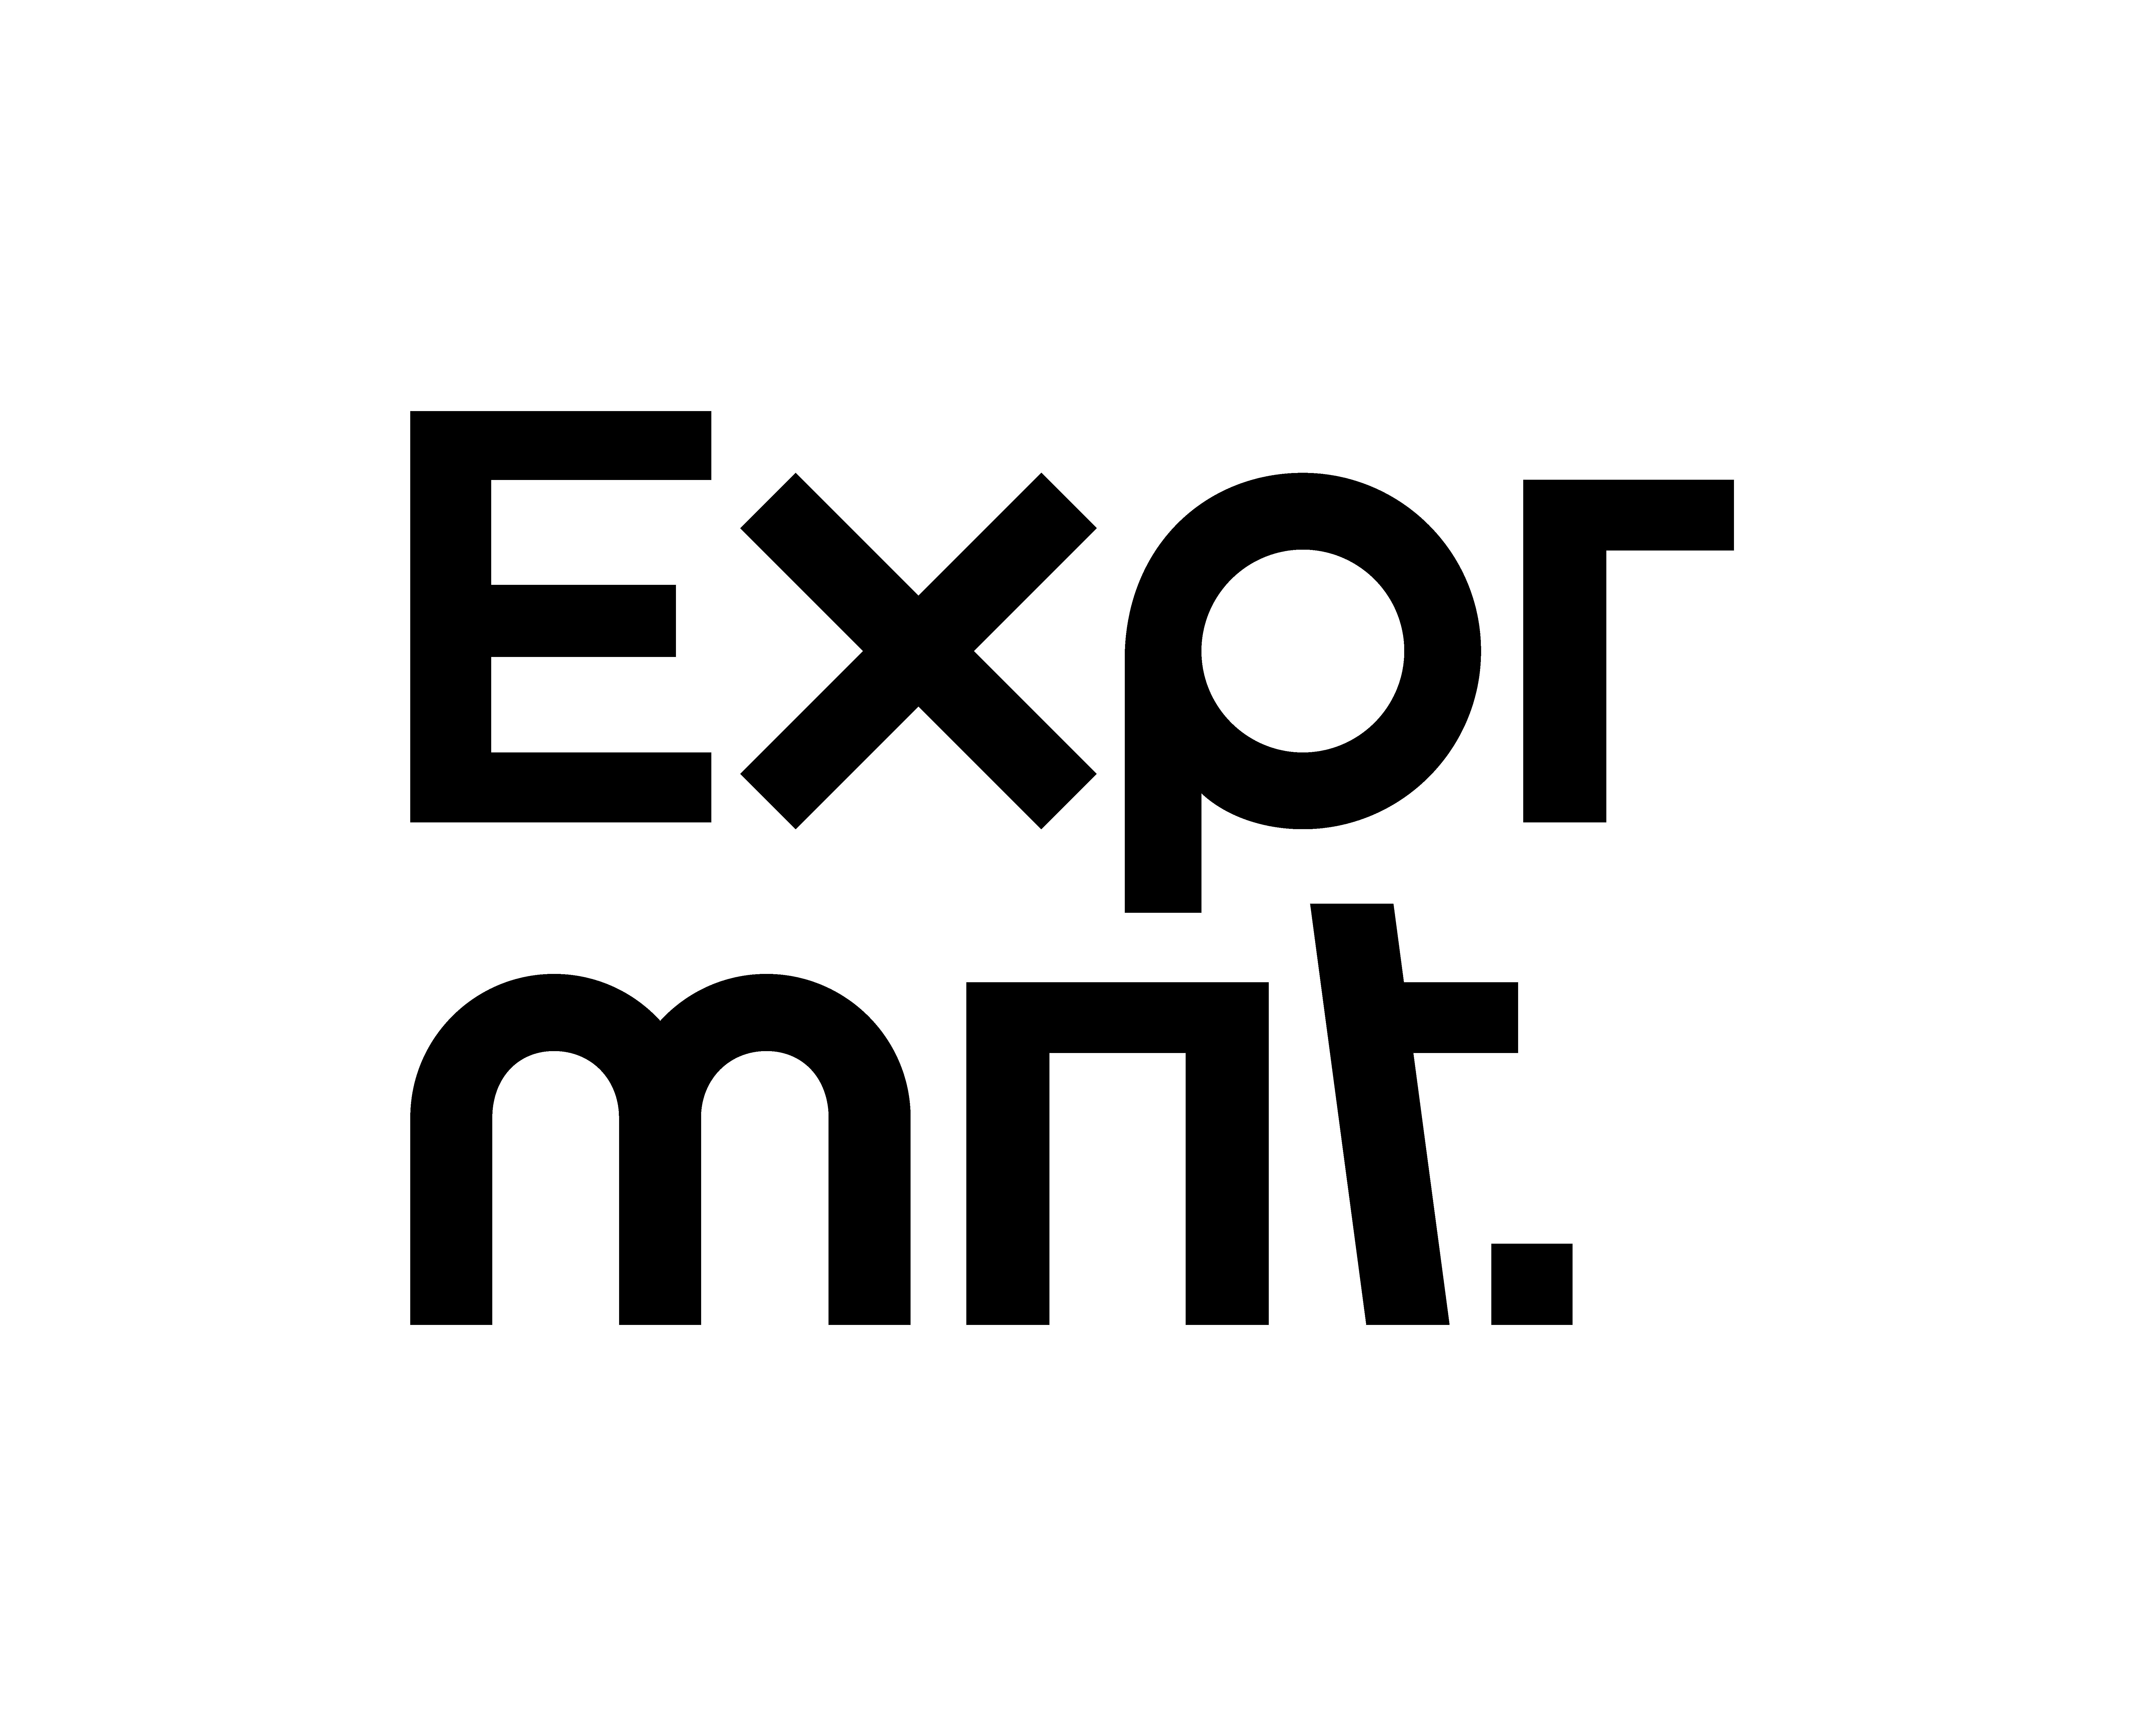 Skrótowiec czarny